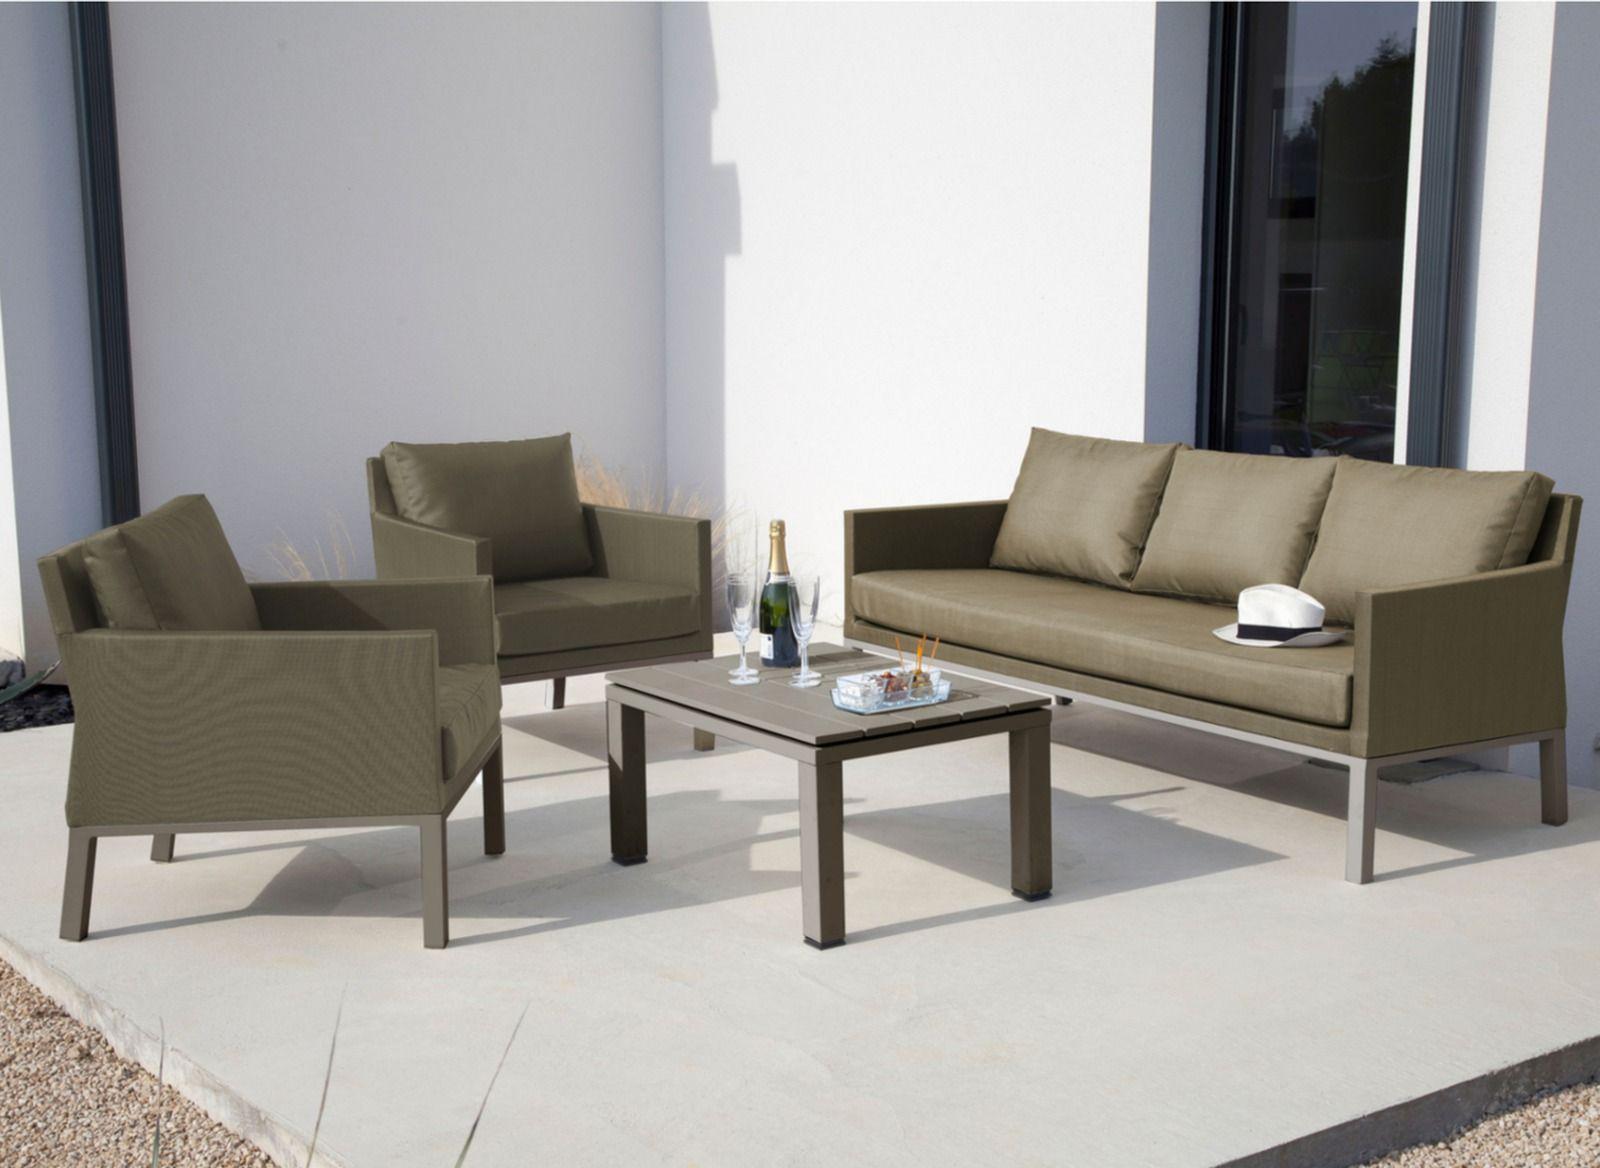 Salon de jardin canapé, fauteuils + table basse Oslo - Proloisirs ...